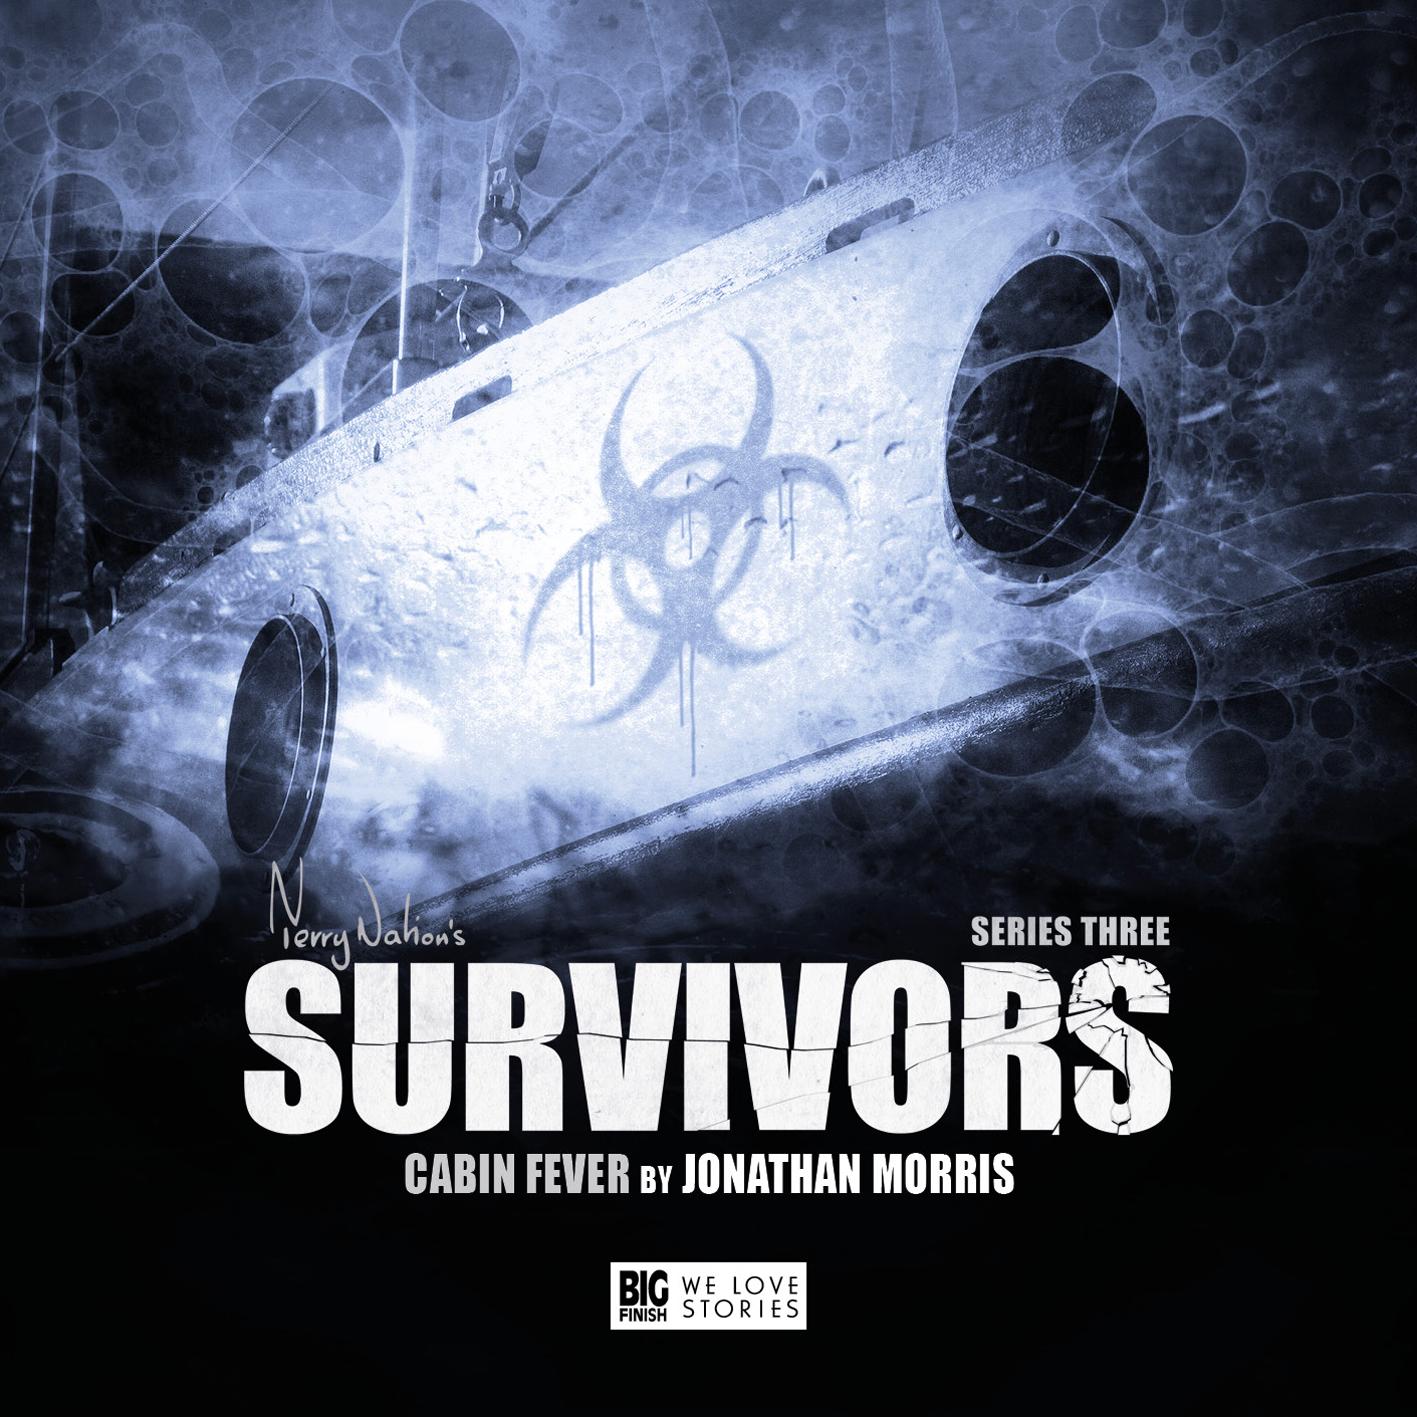 Episode image for Survivors 3:1 Cabin Fever